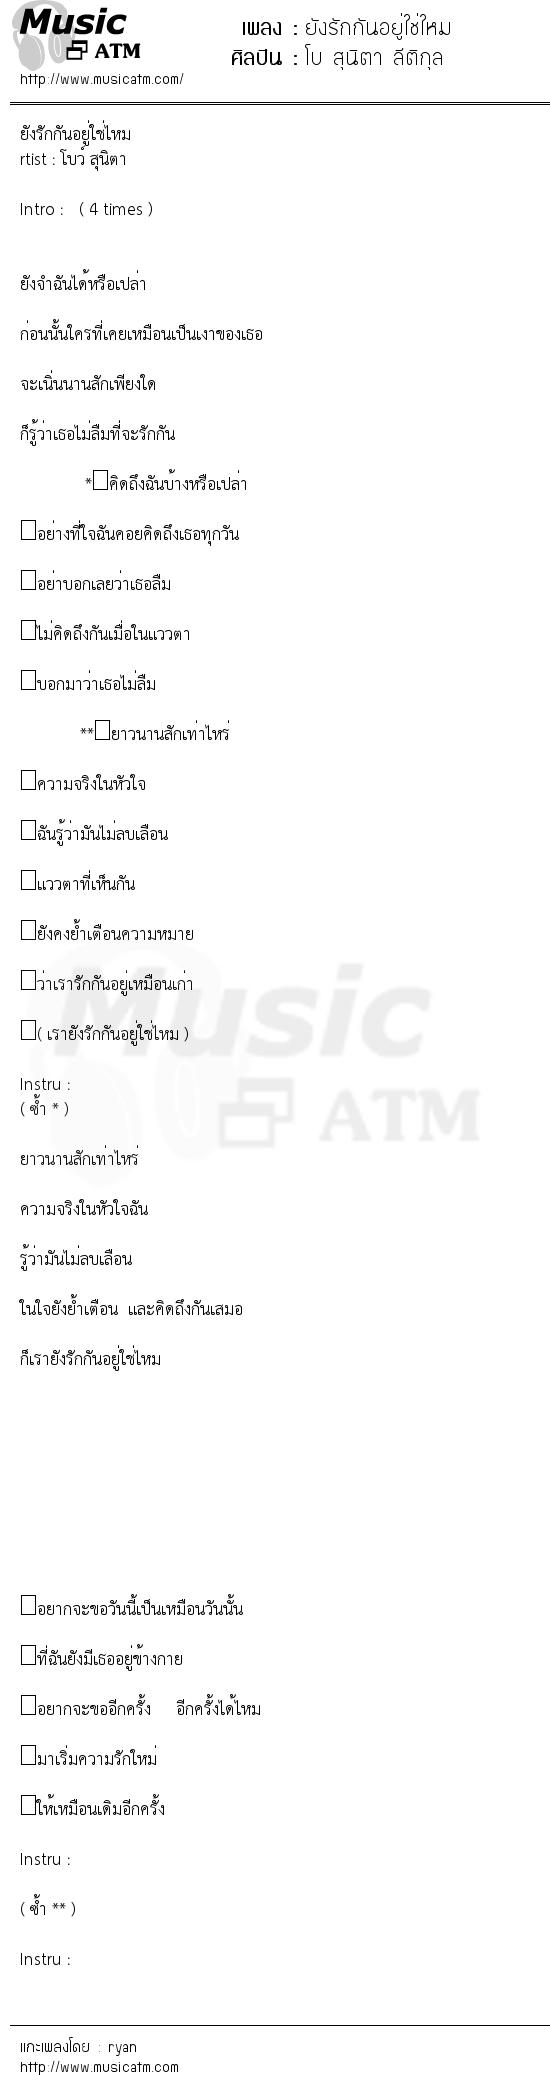 เนื้อเพลง ยังรักกันอยู่ใช่ใหม - โบ สุนิตา ลีติกุล   เพลงไทย